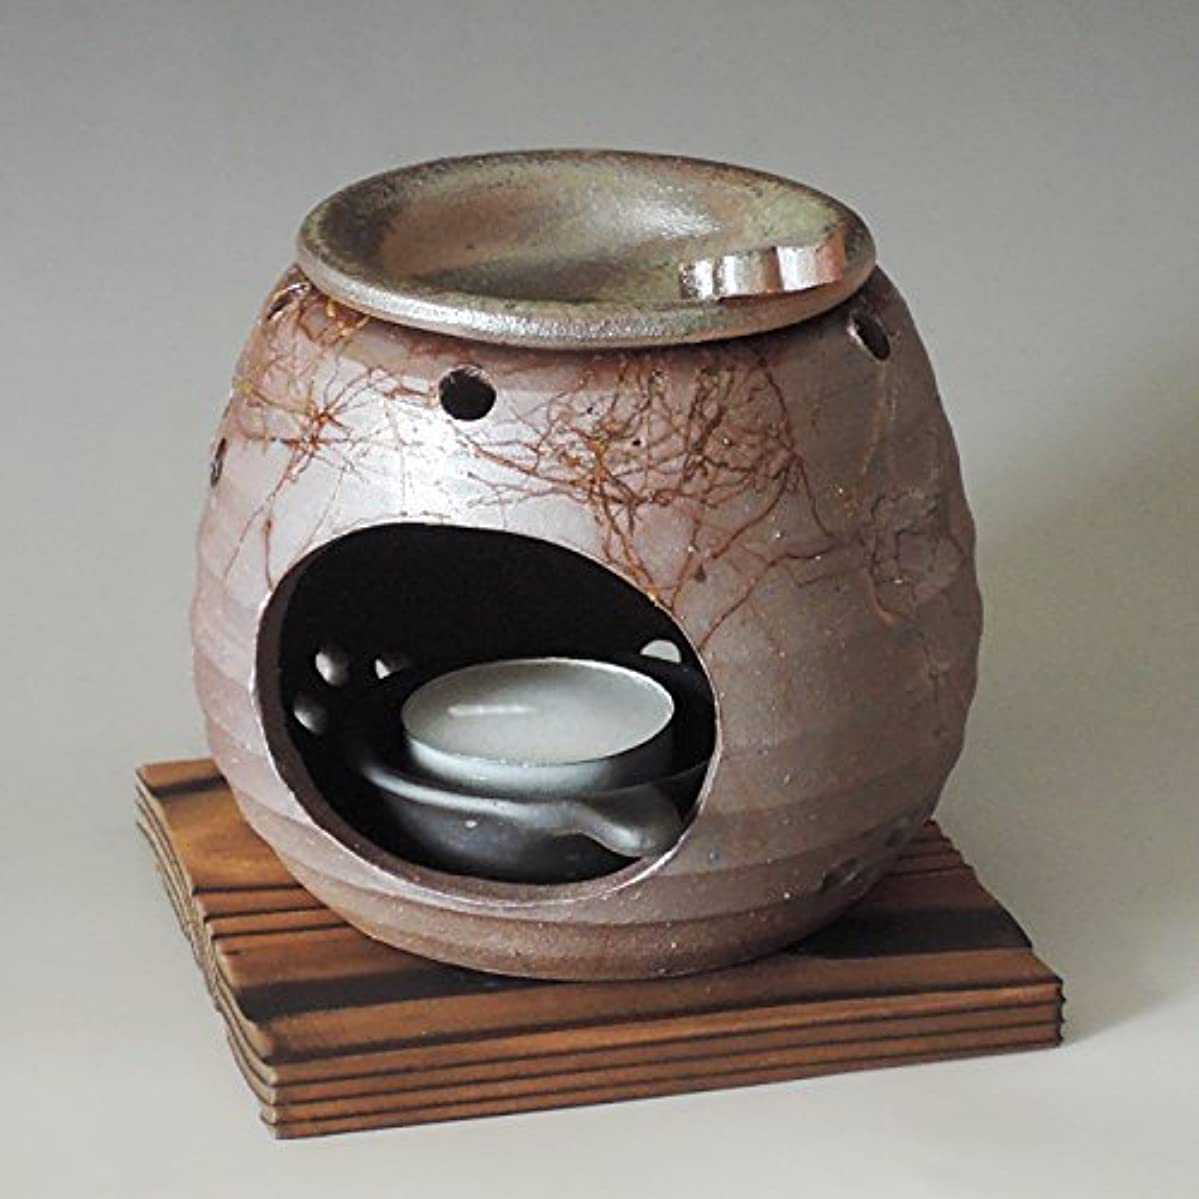 密度繁栄する田舎者茶香炉 常滑焼 石龍作「藻掛け」川本屋茶舗